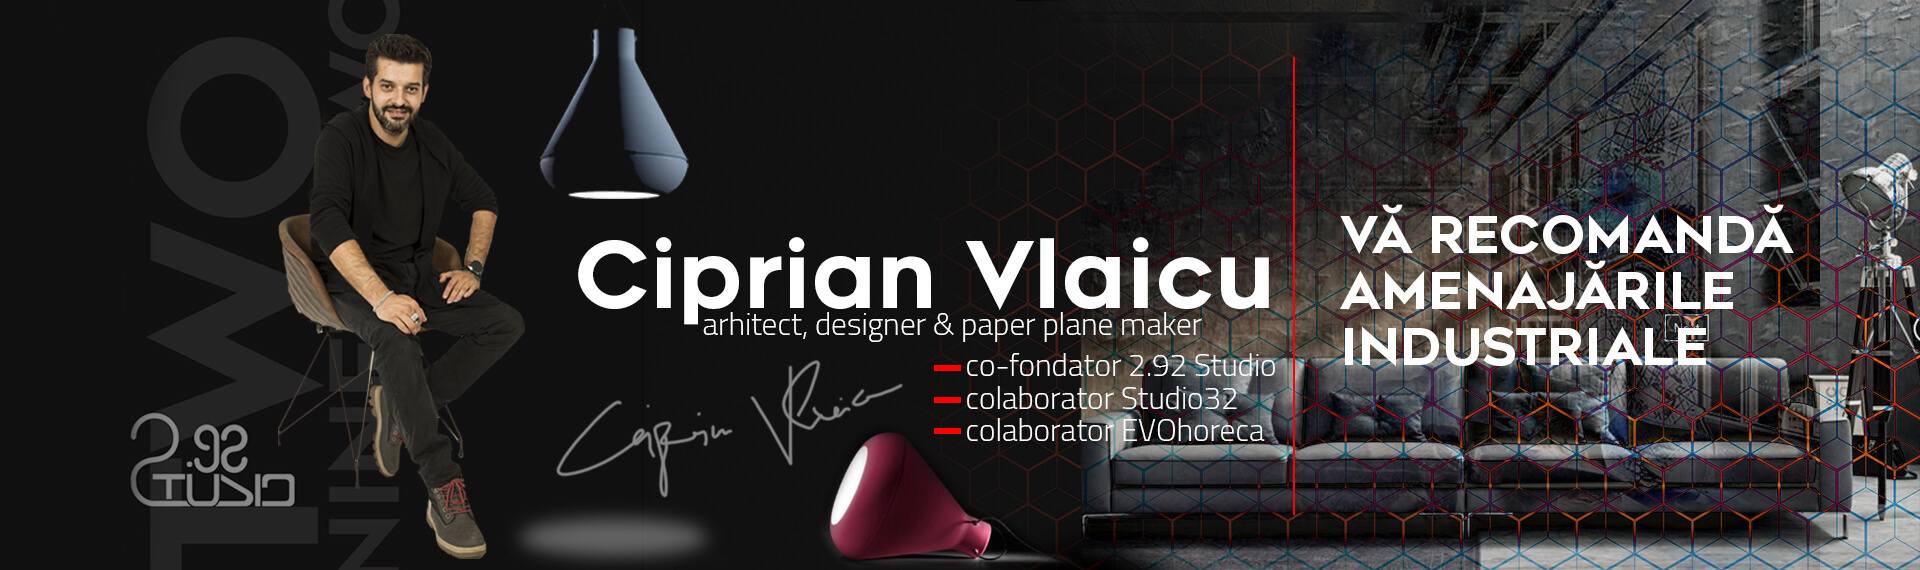 Designerul Ciprian Vlaicu recomanda stilul industrial - Studio32